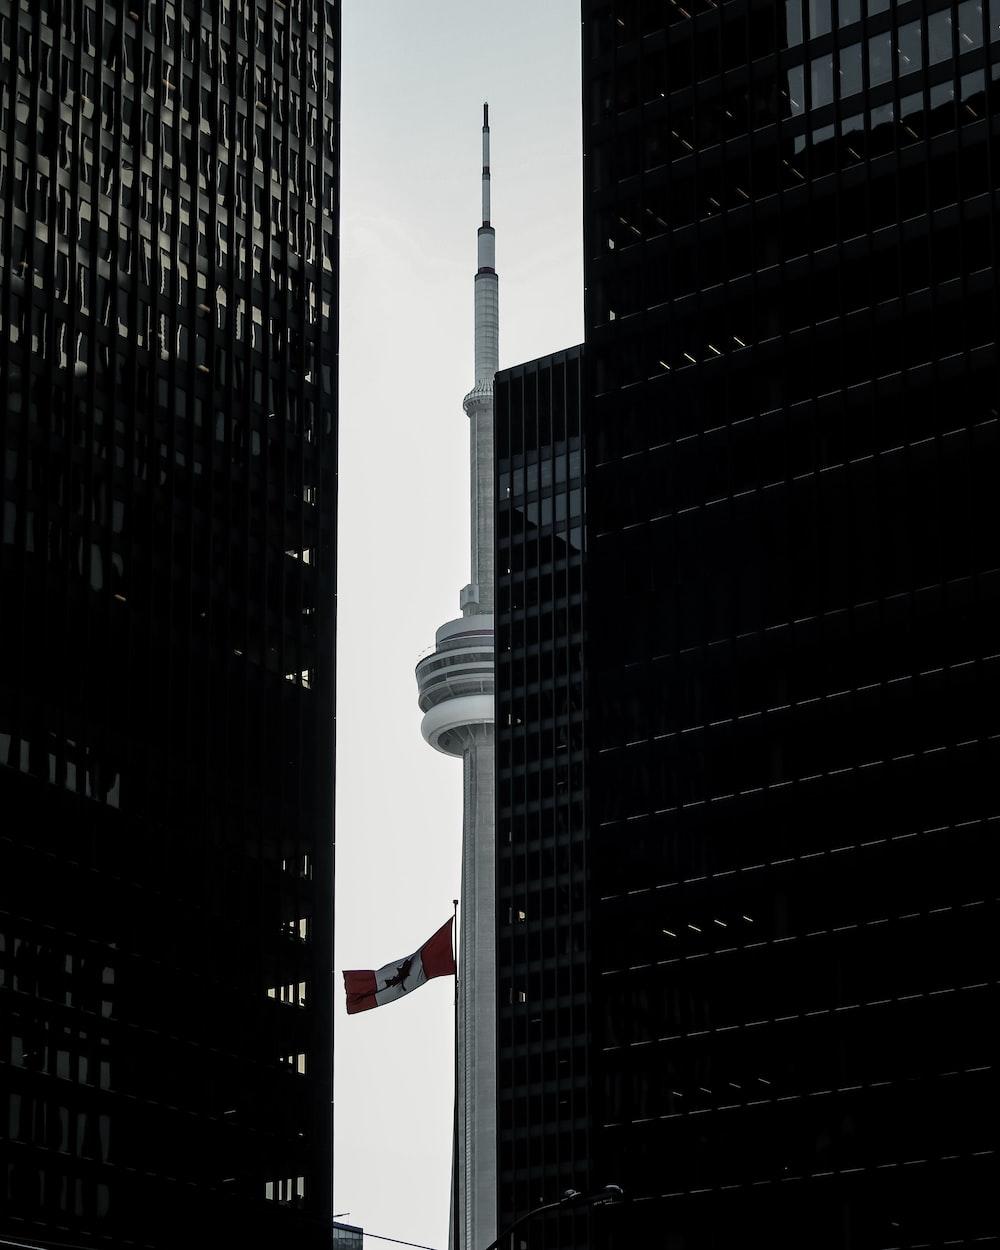 gray tower between buildings